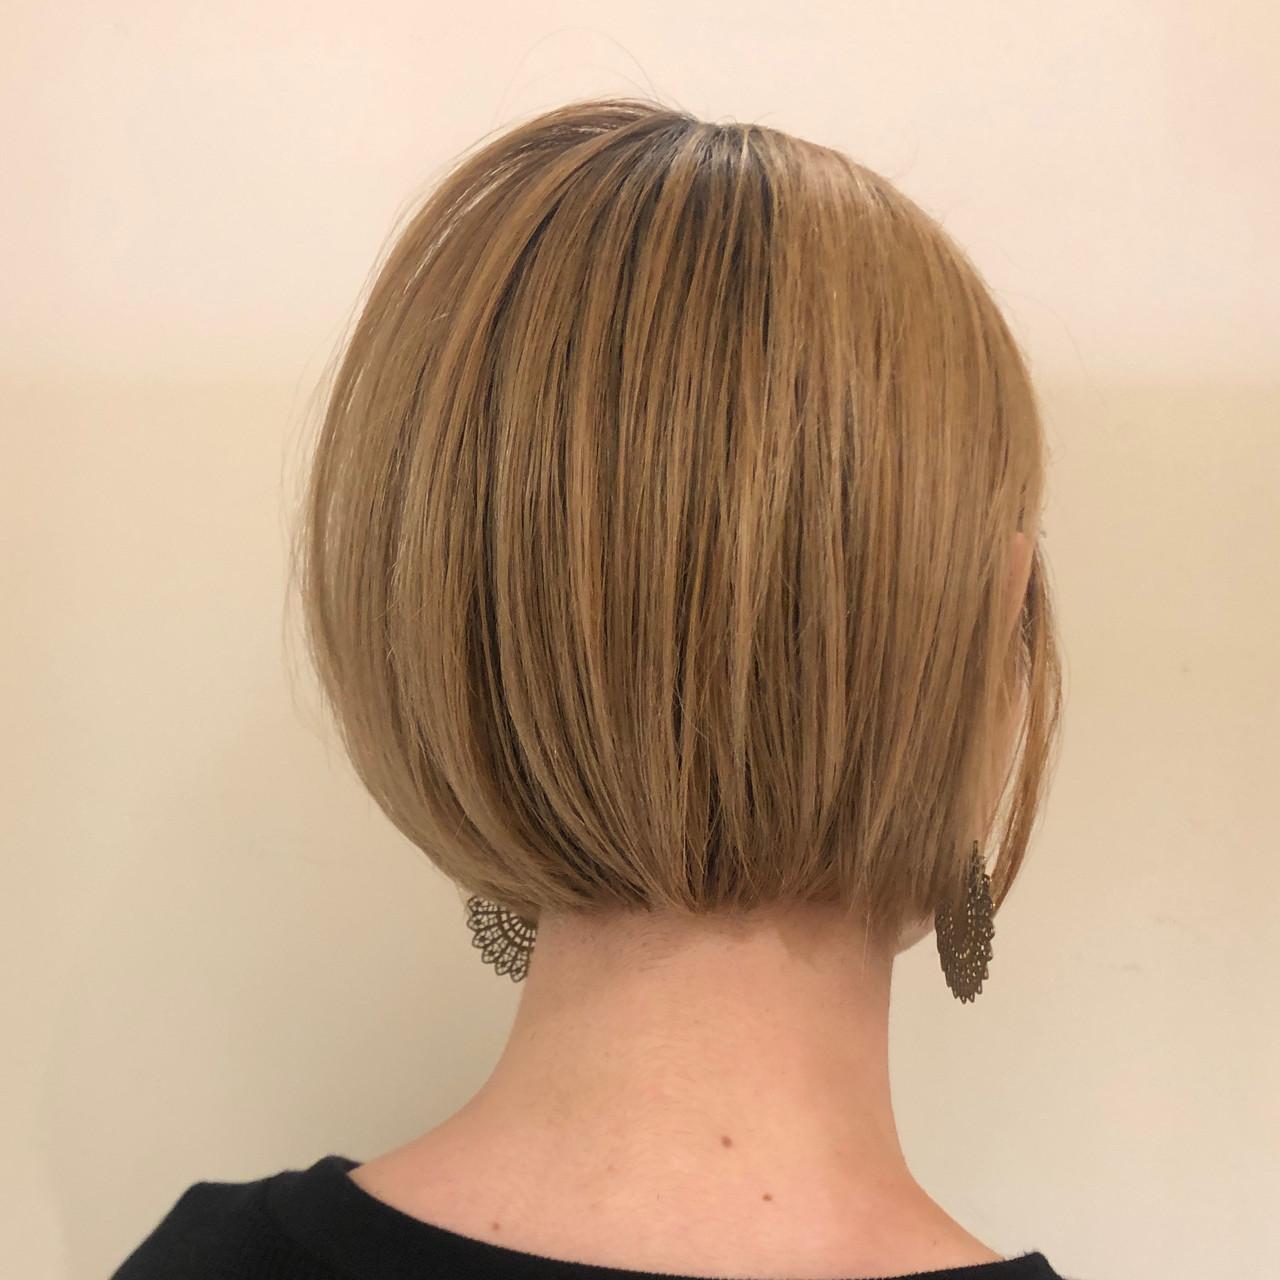 ガーリー ミニボブ ショートボブ ベリーショート ヘアスタイルや髪型の写真・画像